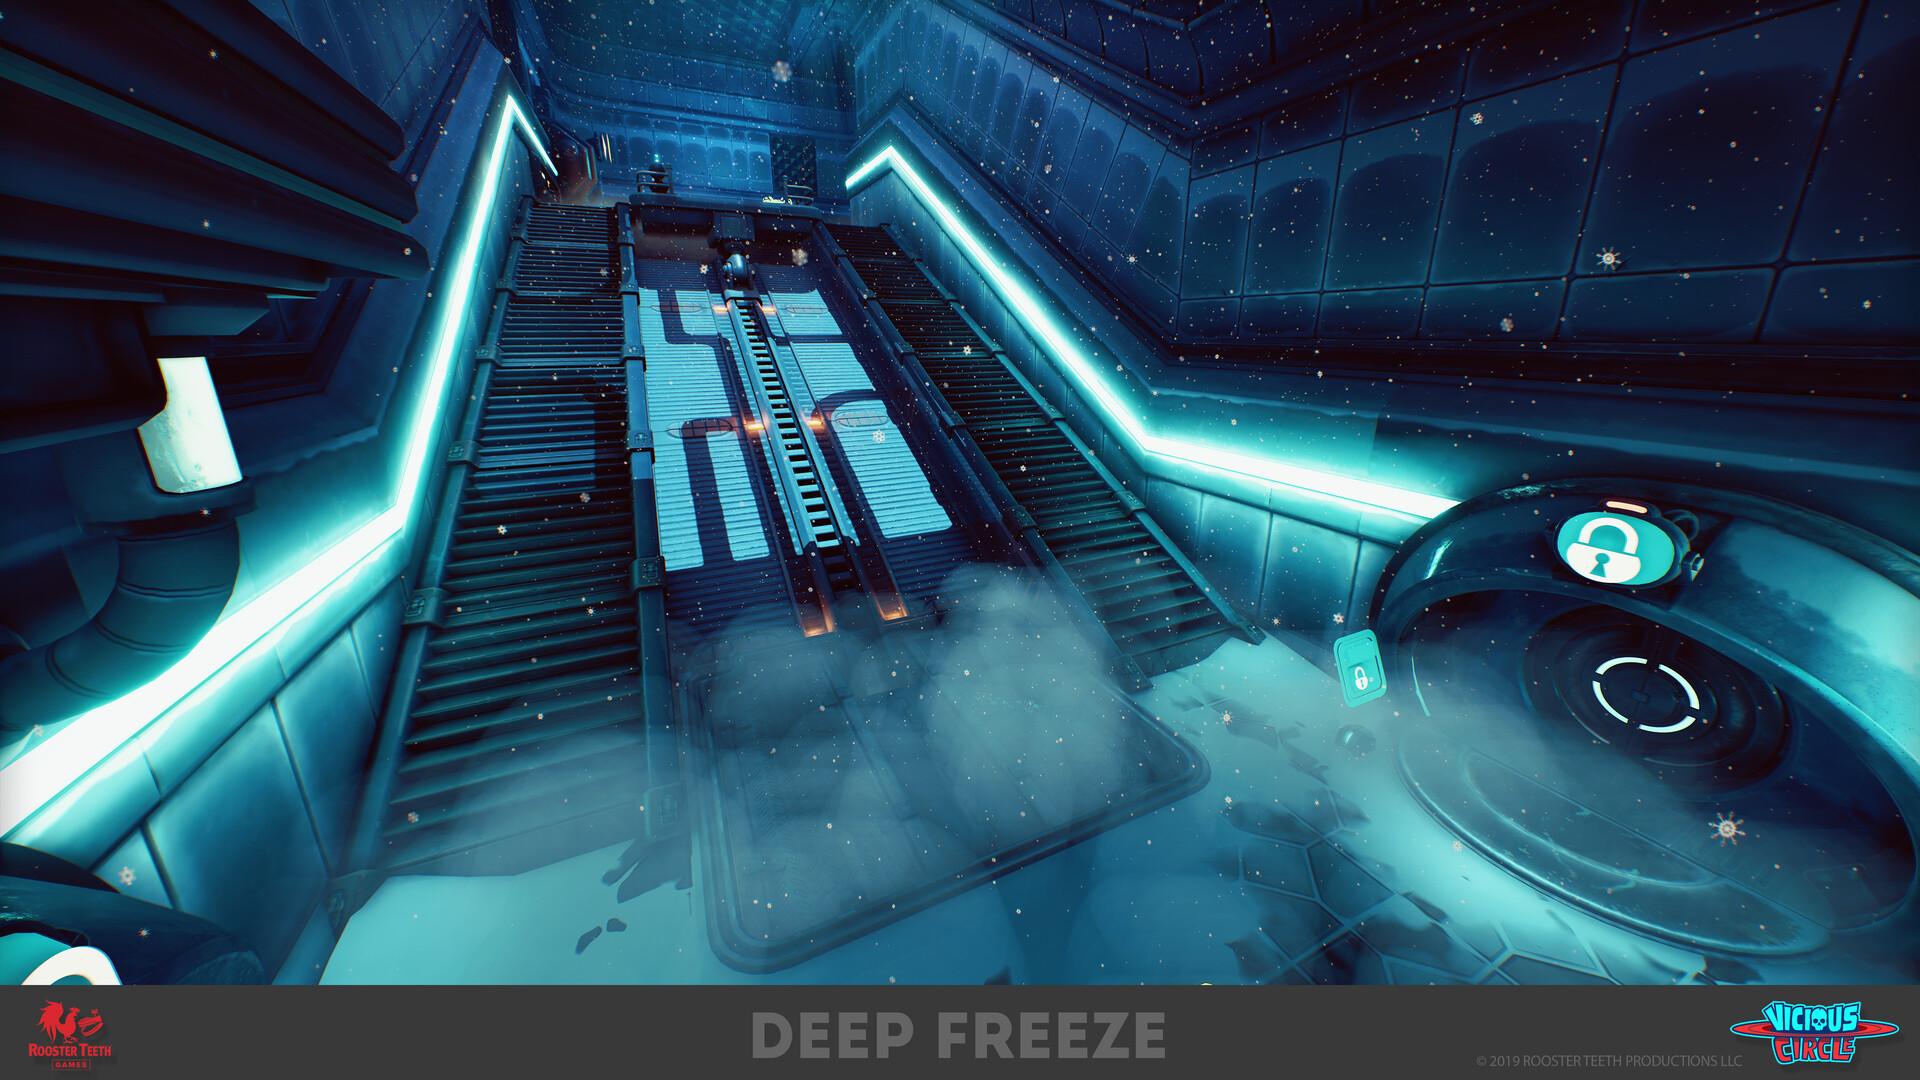 Markel milanes deep freeze renders 04